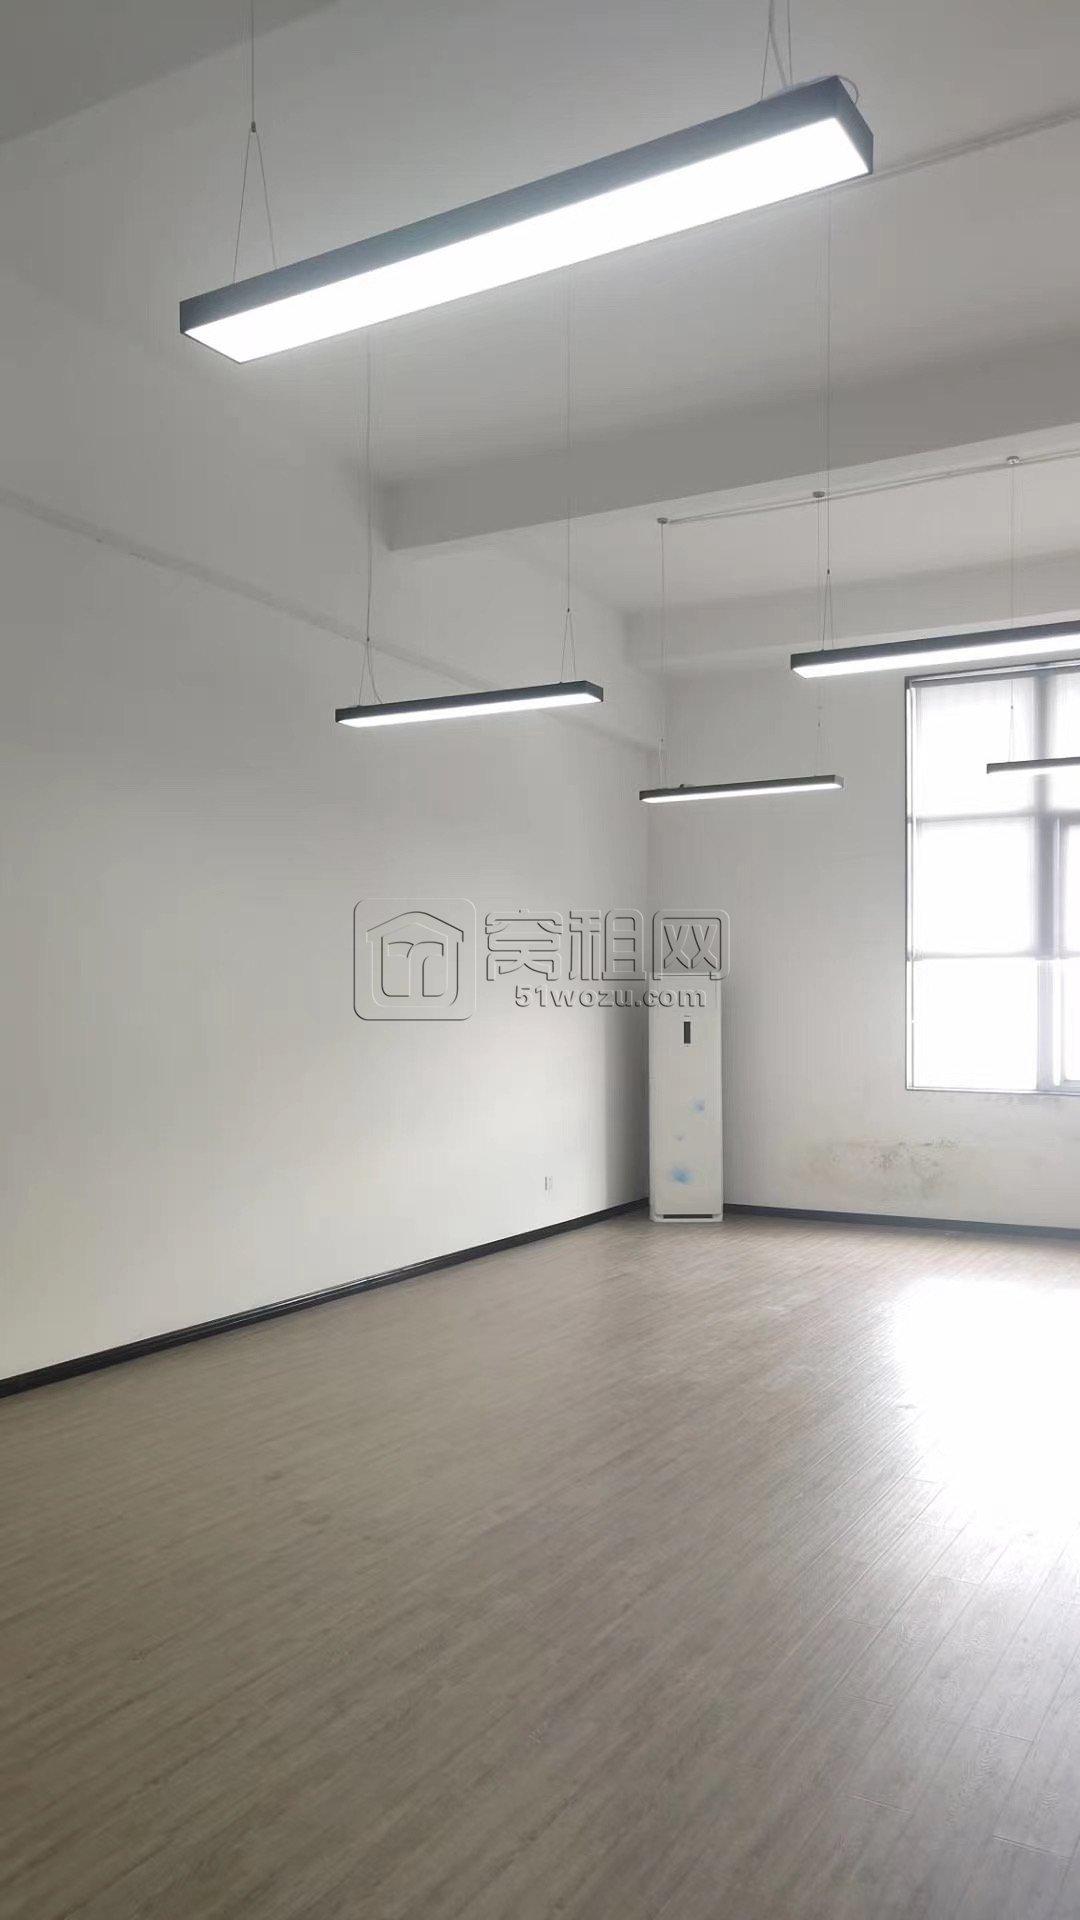 宁波音王集团对面浙天新经济产业园出租